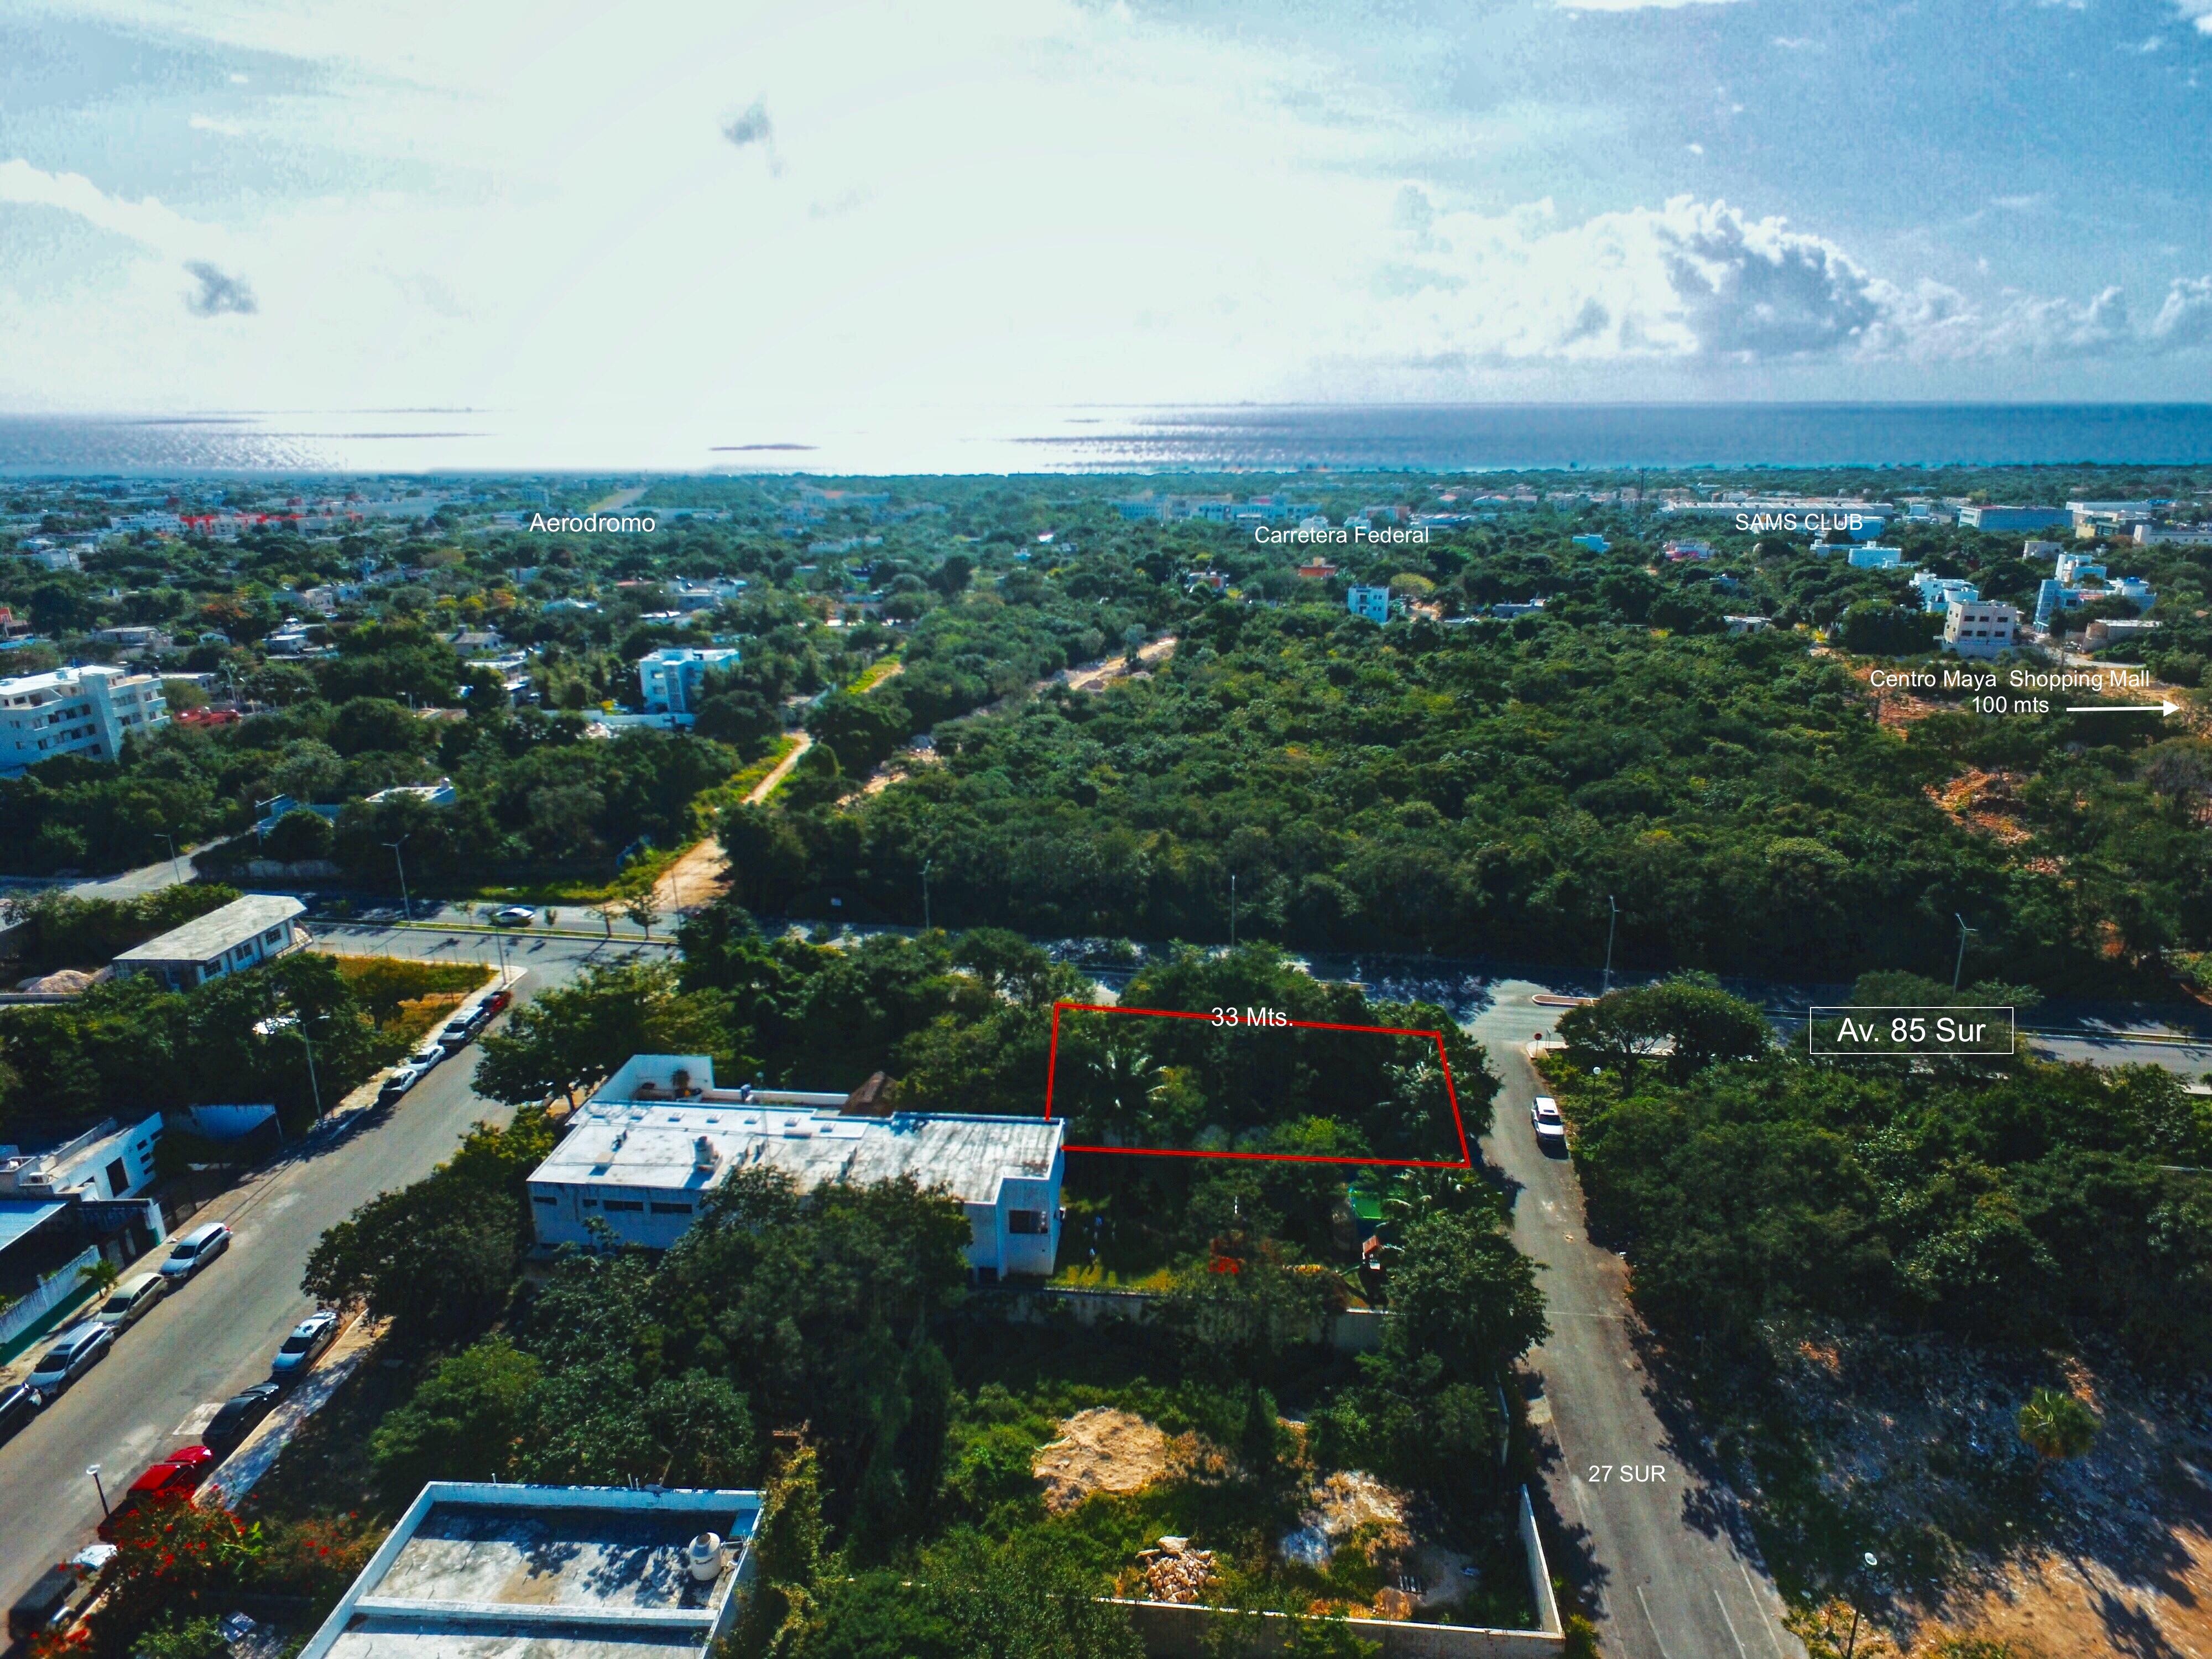 Se vende terreno en esquina sobre avenida principal en zona del Centro Maya, Playa del Carmen